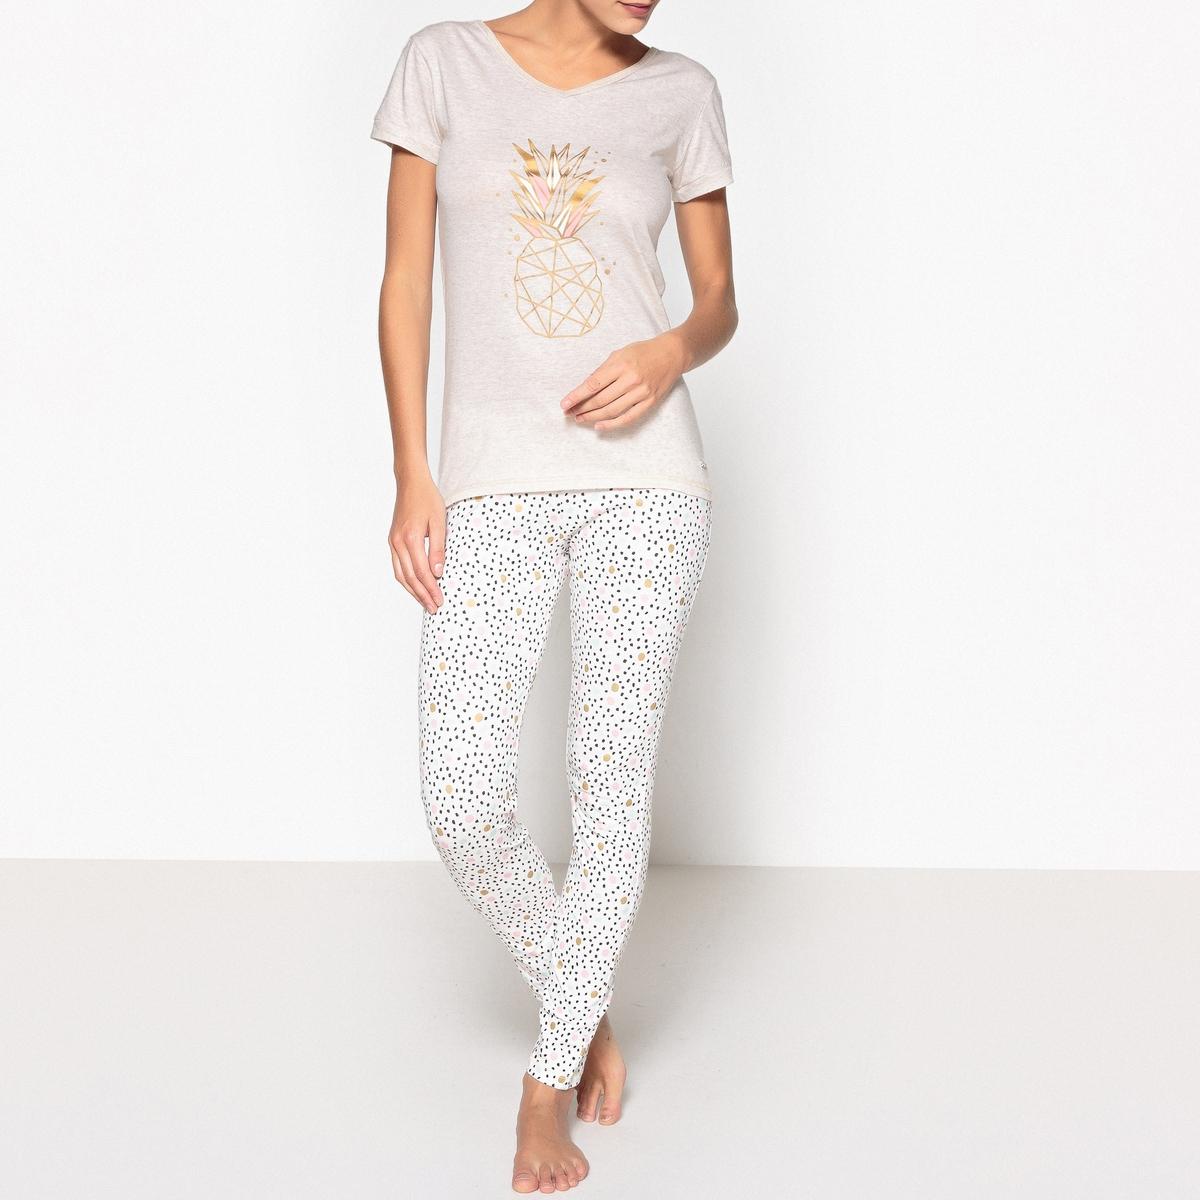 Пижама длинная из хлопка с рисунком, Ananas пижама с шортами с рисунком